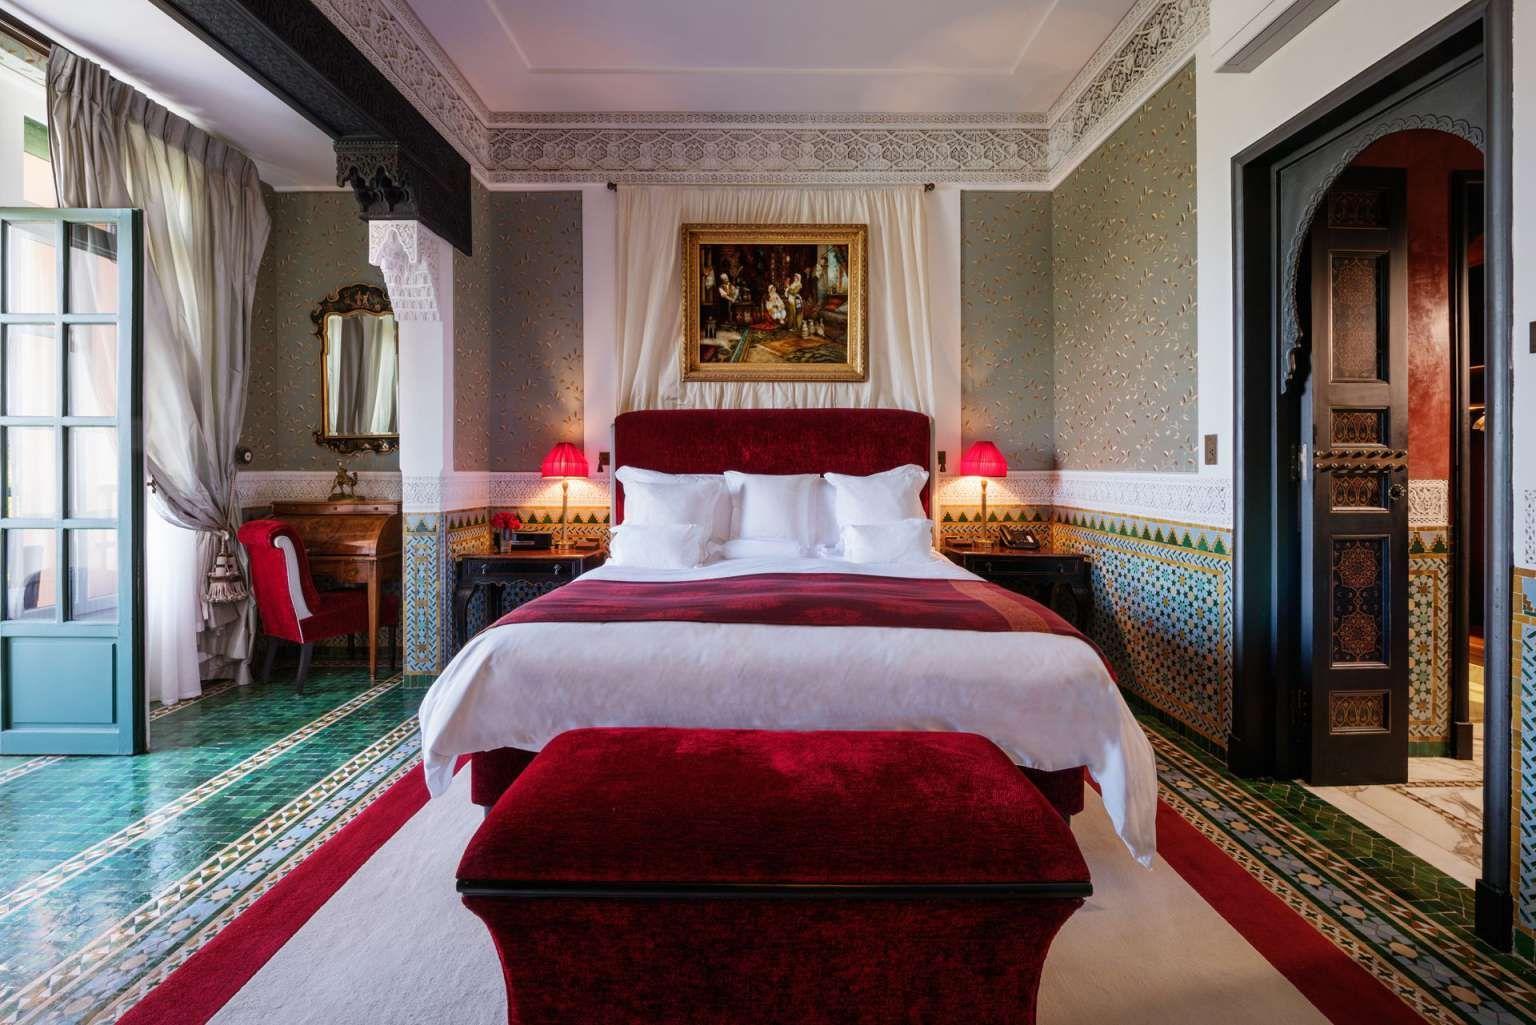 Marrakech Decoration D Interieur hotel 5 étoiles à marrakech | la mamounia, suites d